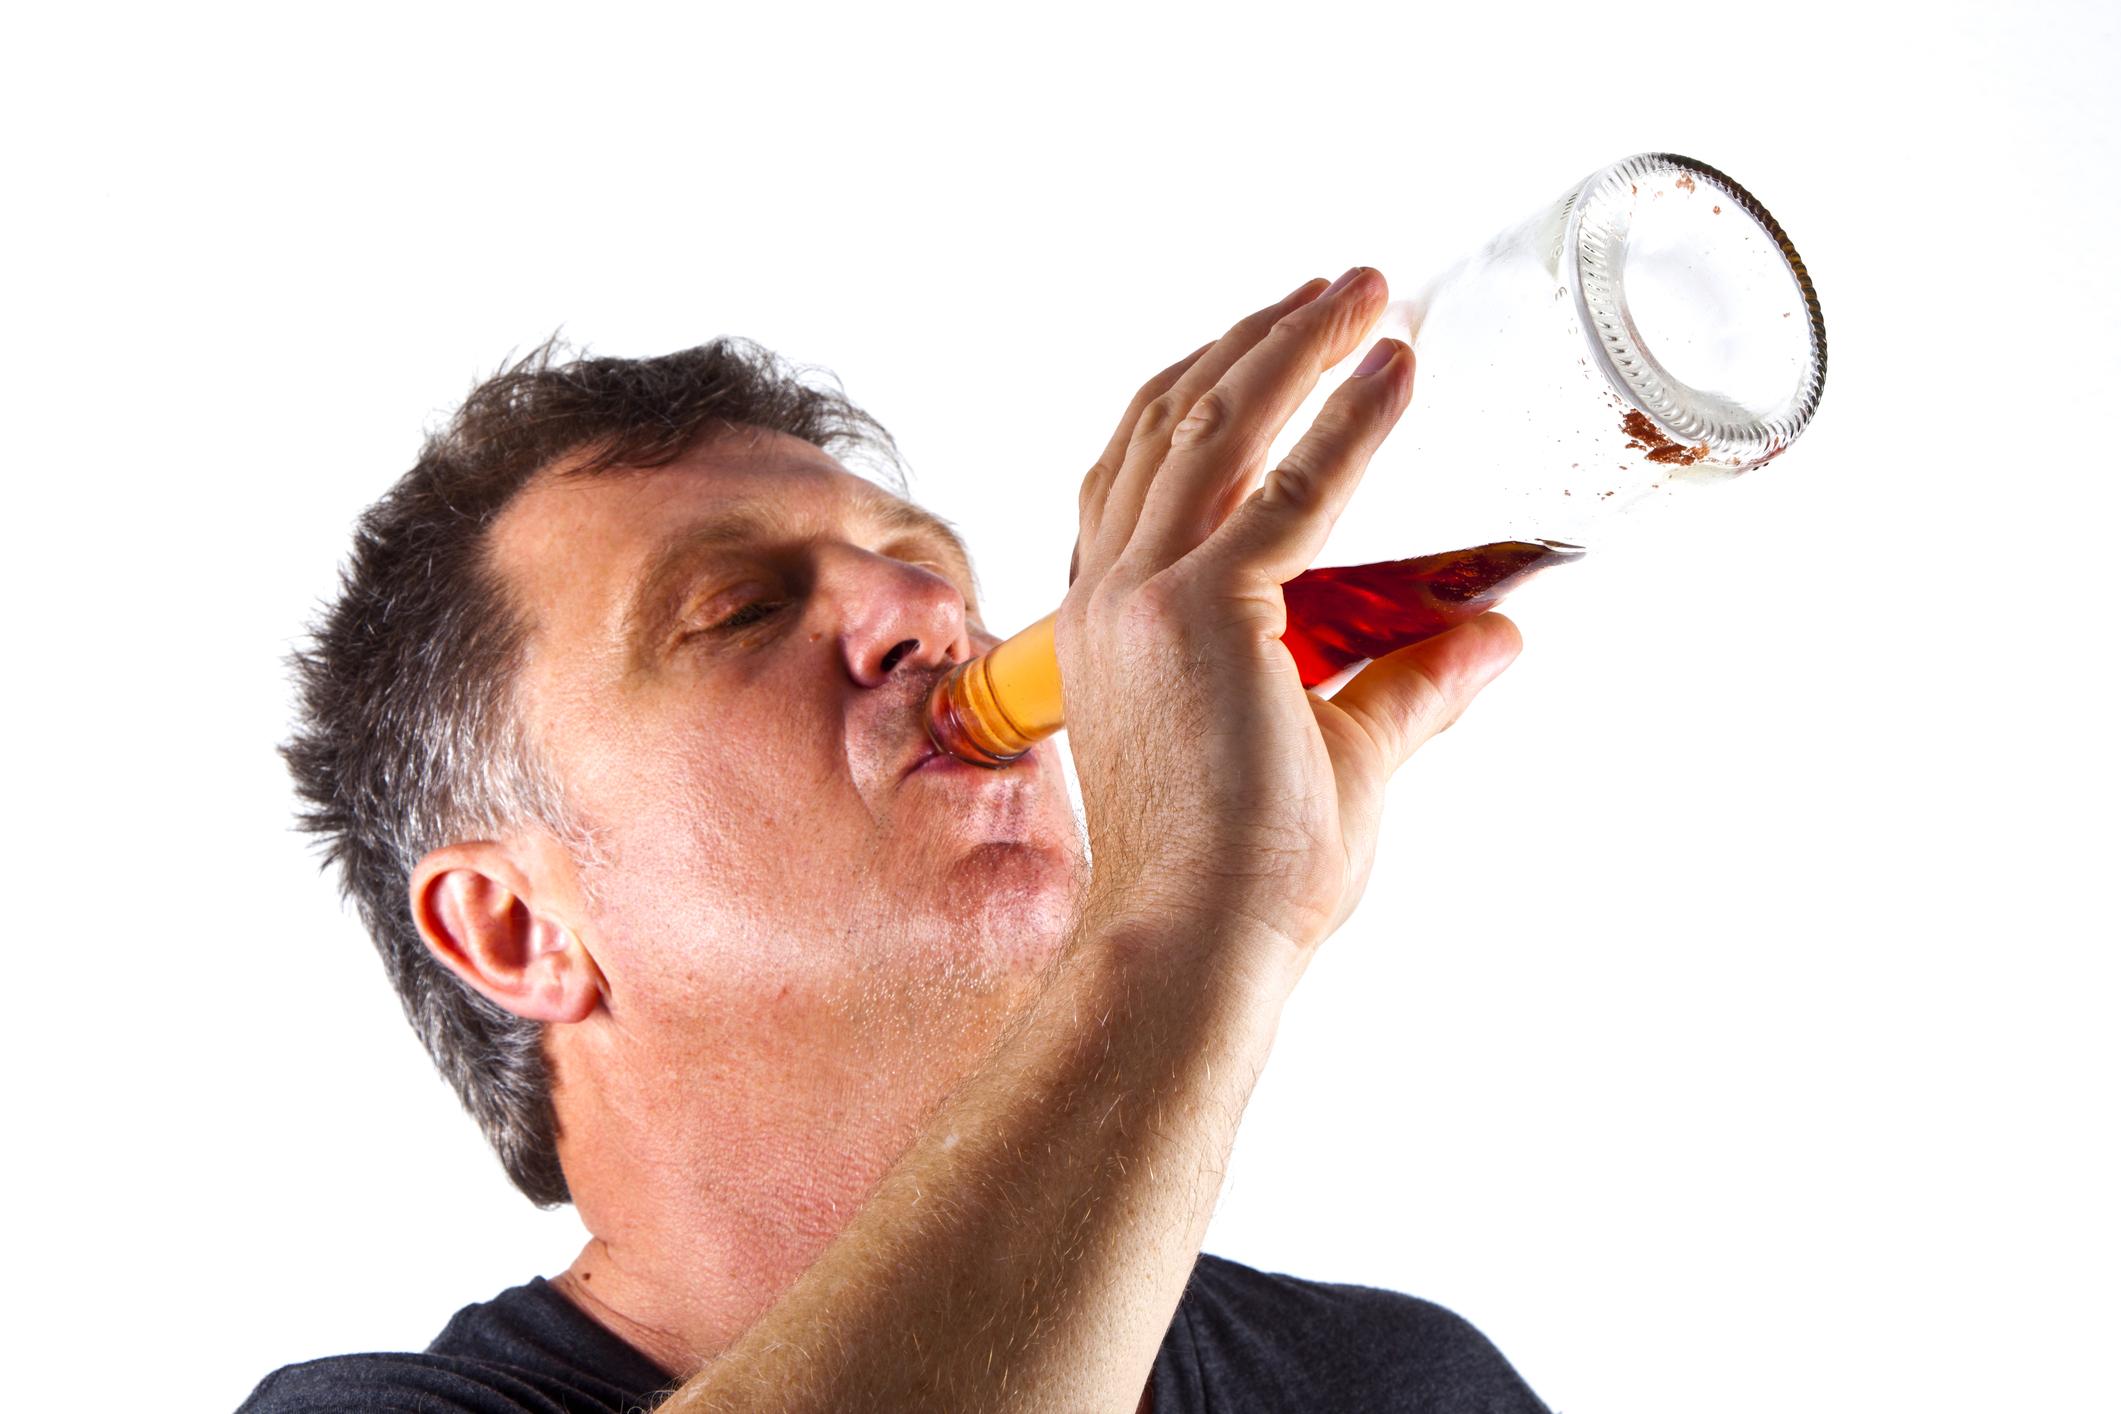 Mann drikker rett fra flaska